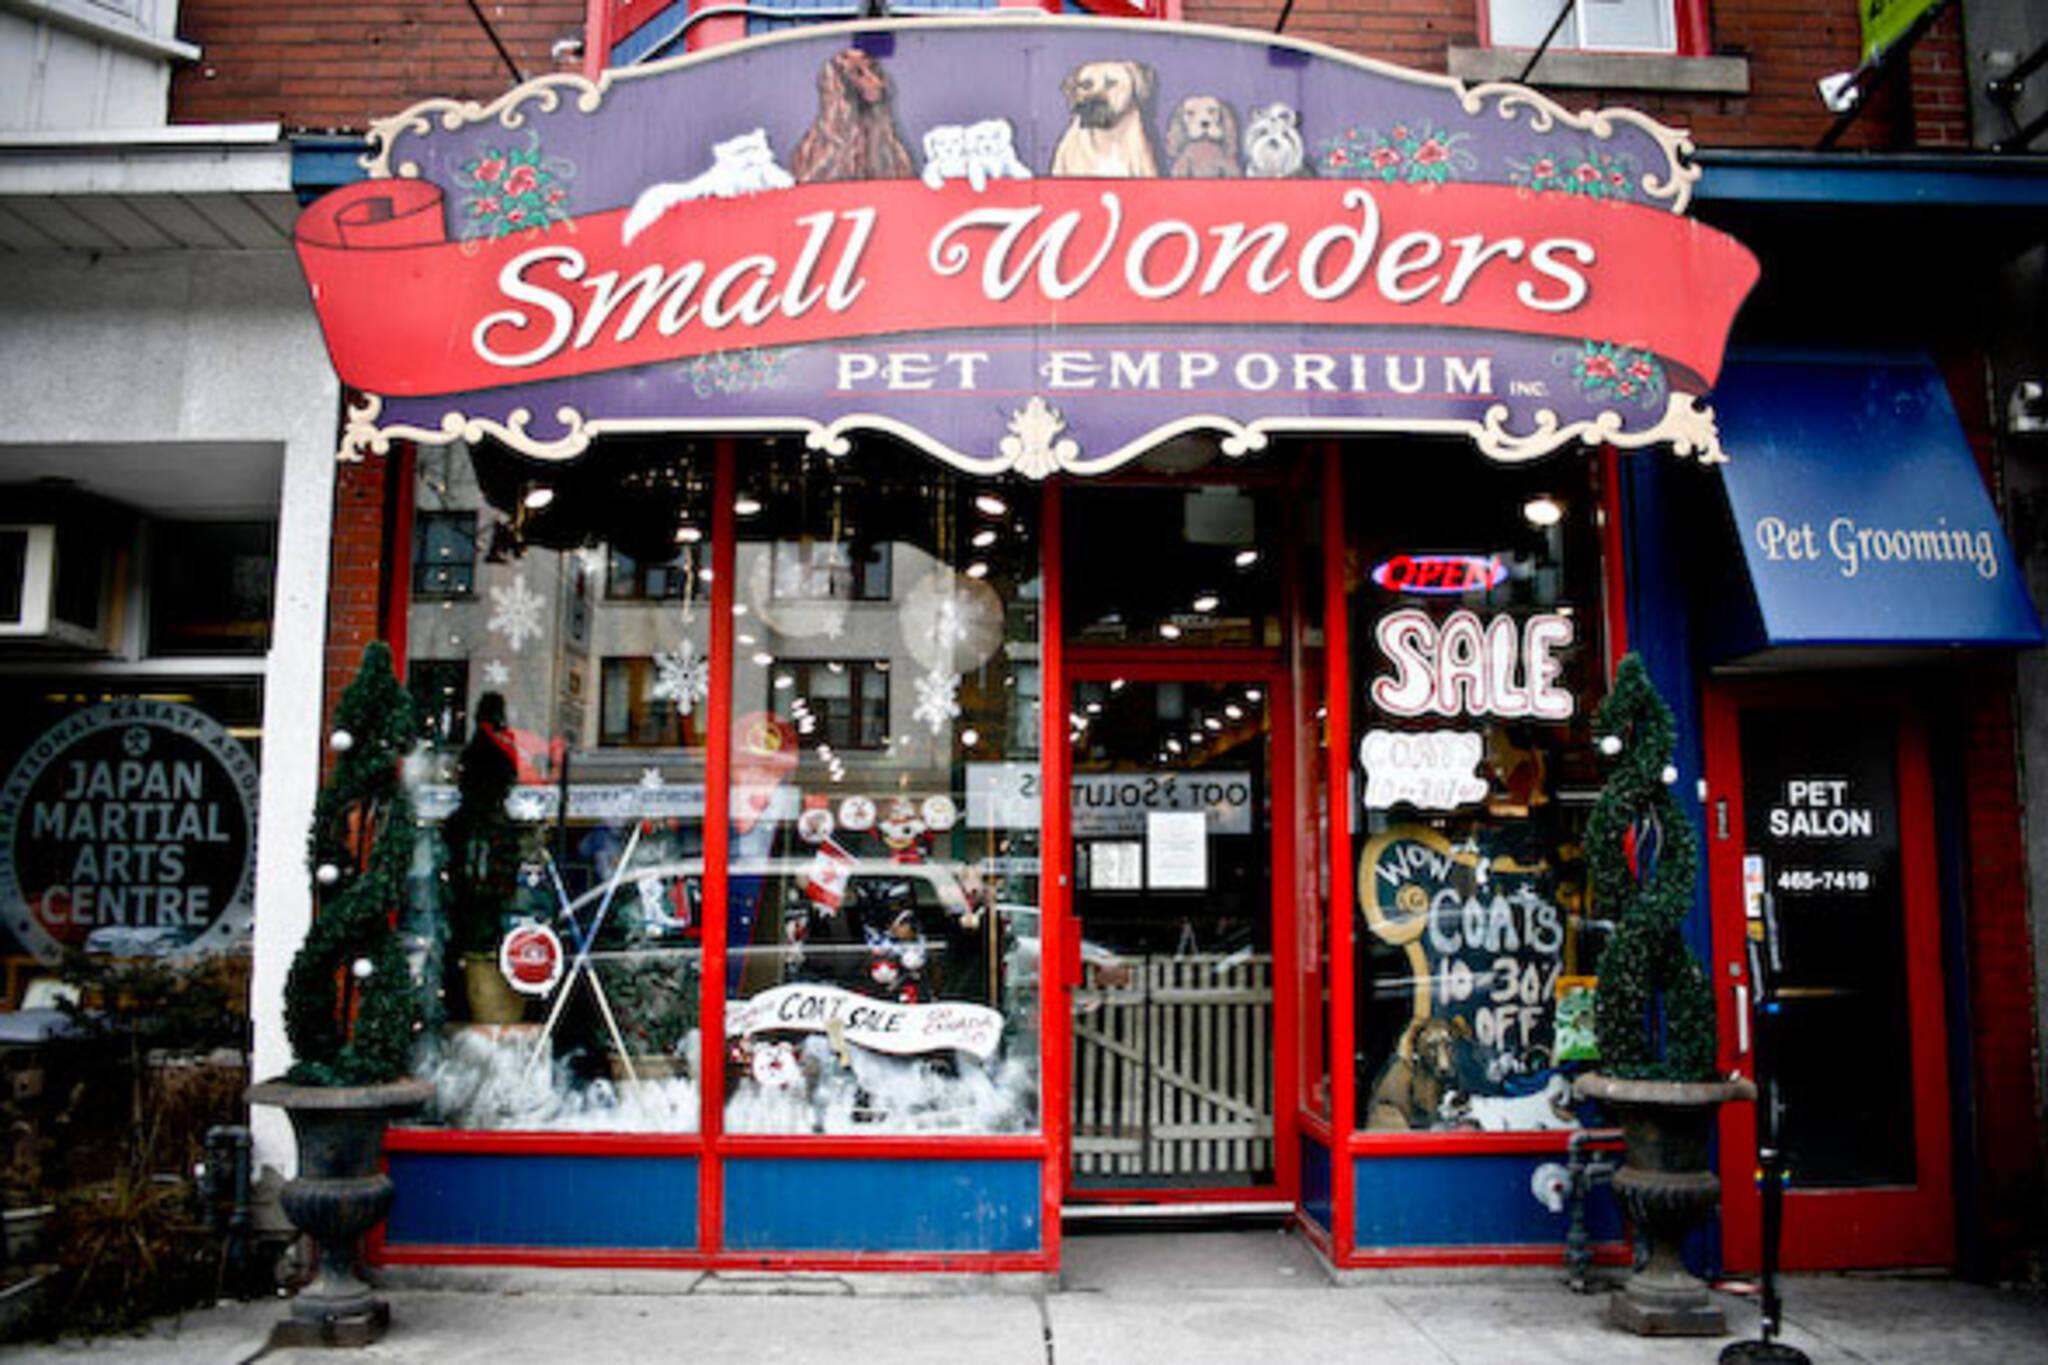 Small Wonders Pet Emporium